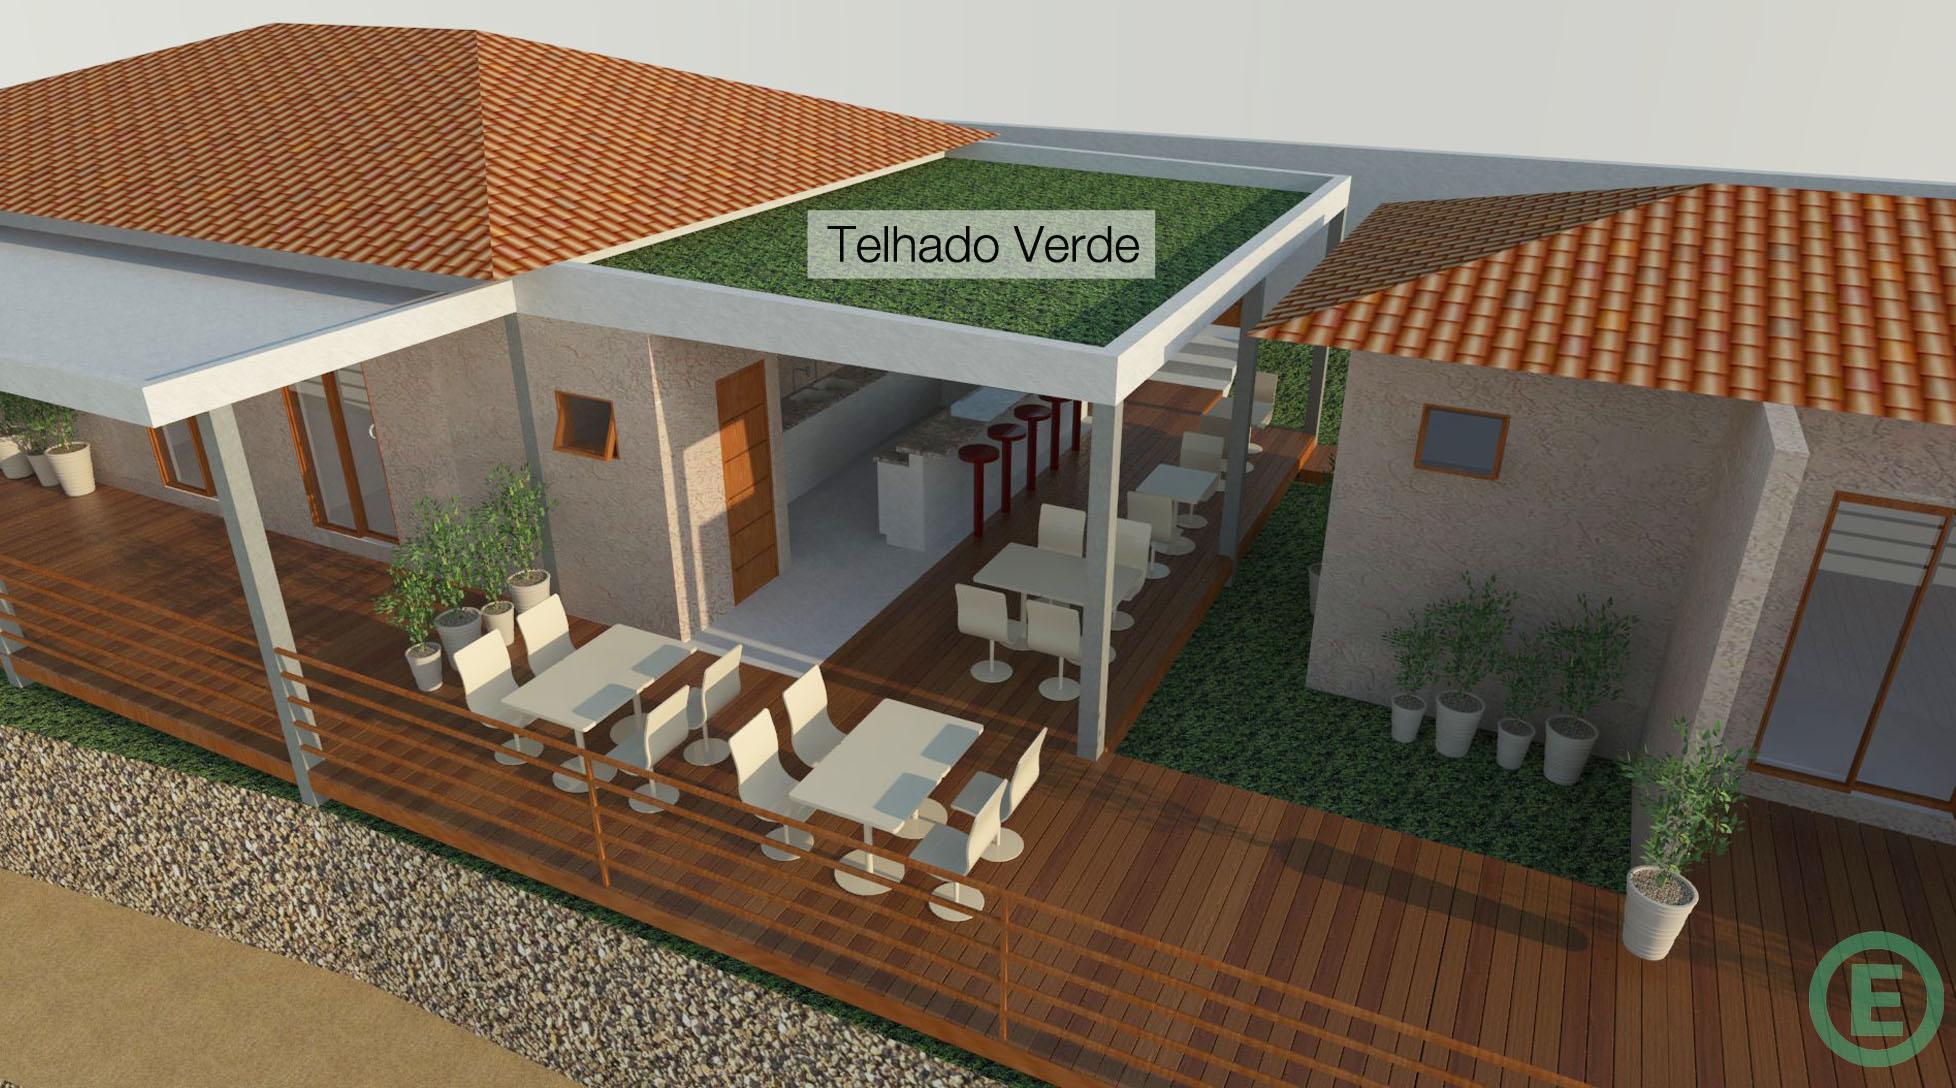 arquitetura-sustentavel-arquitetura-telhado-verde